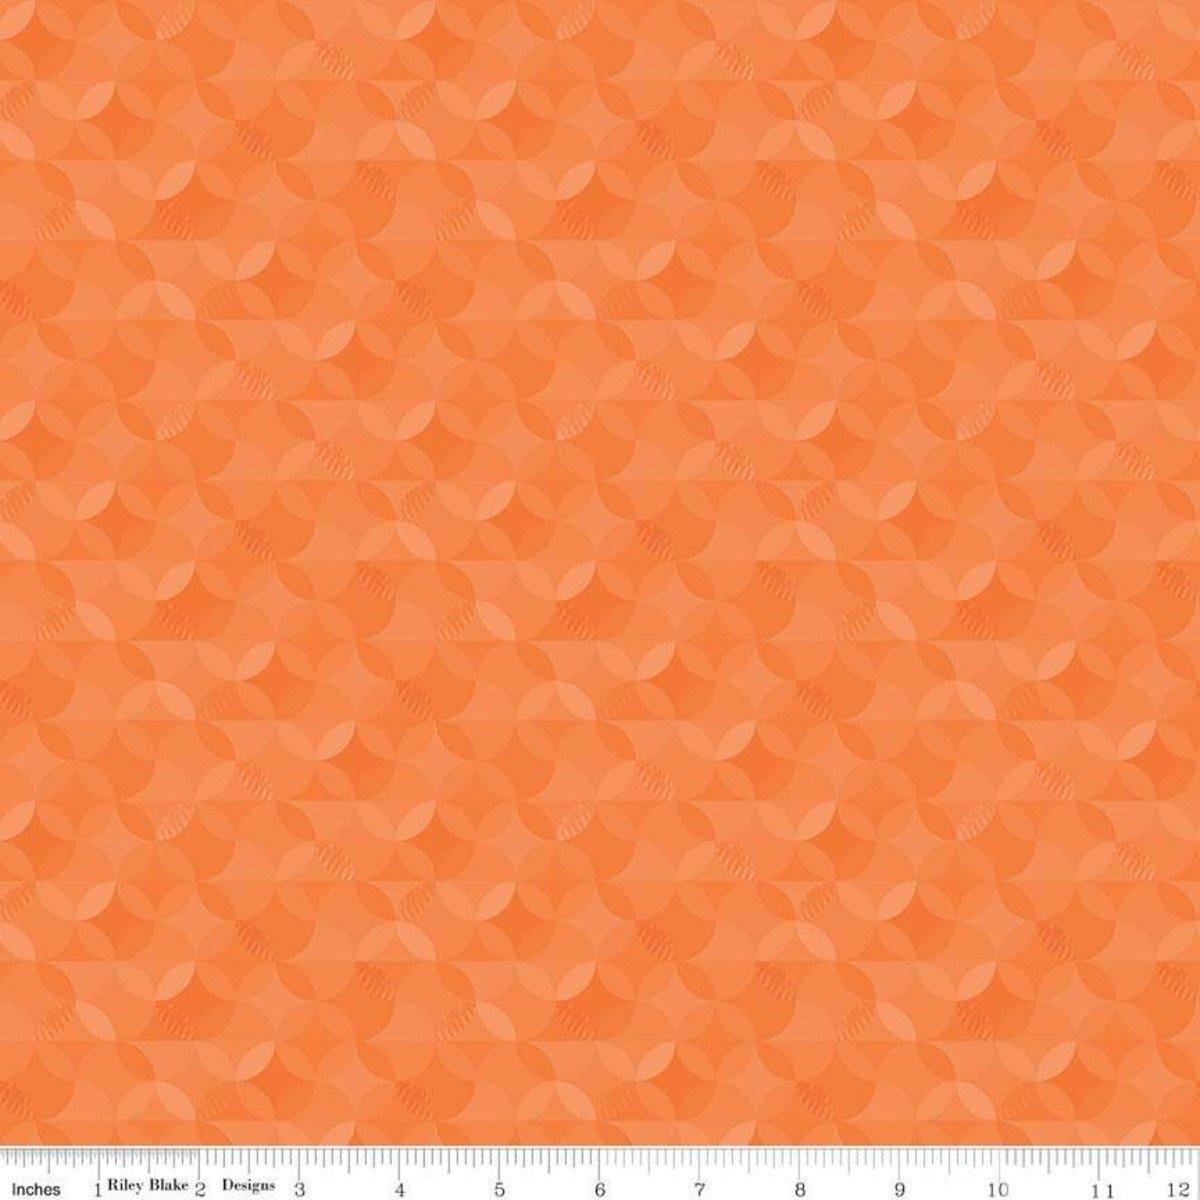 Crayola Kaleidoscope by Riley Blake Fabrics (CR480-OUTRAGEOUS-ORANGE)